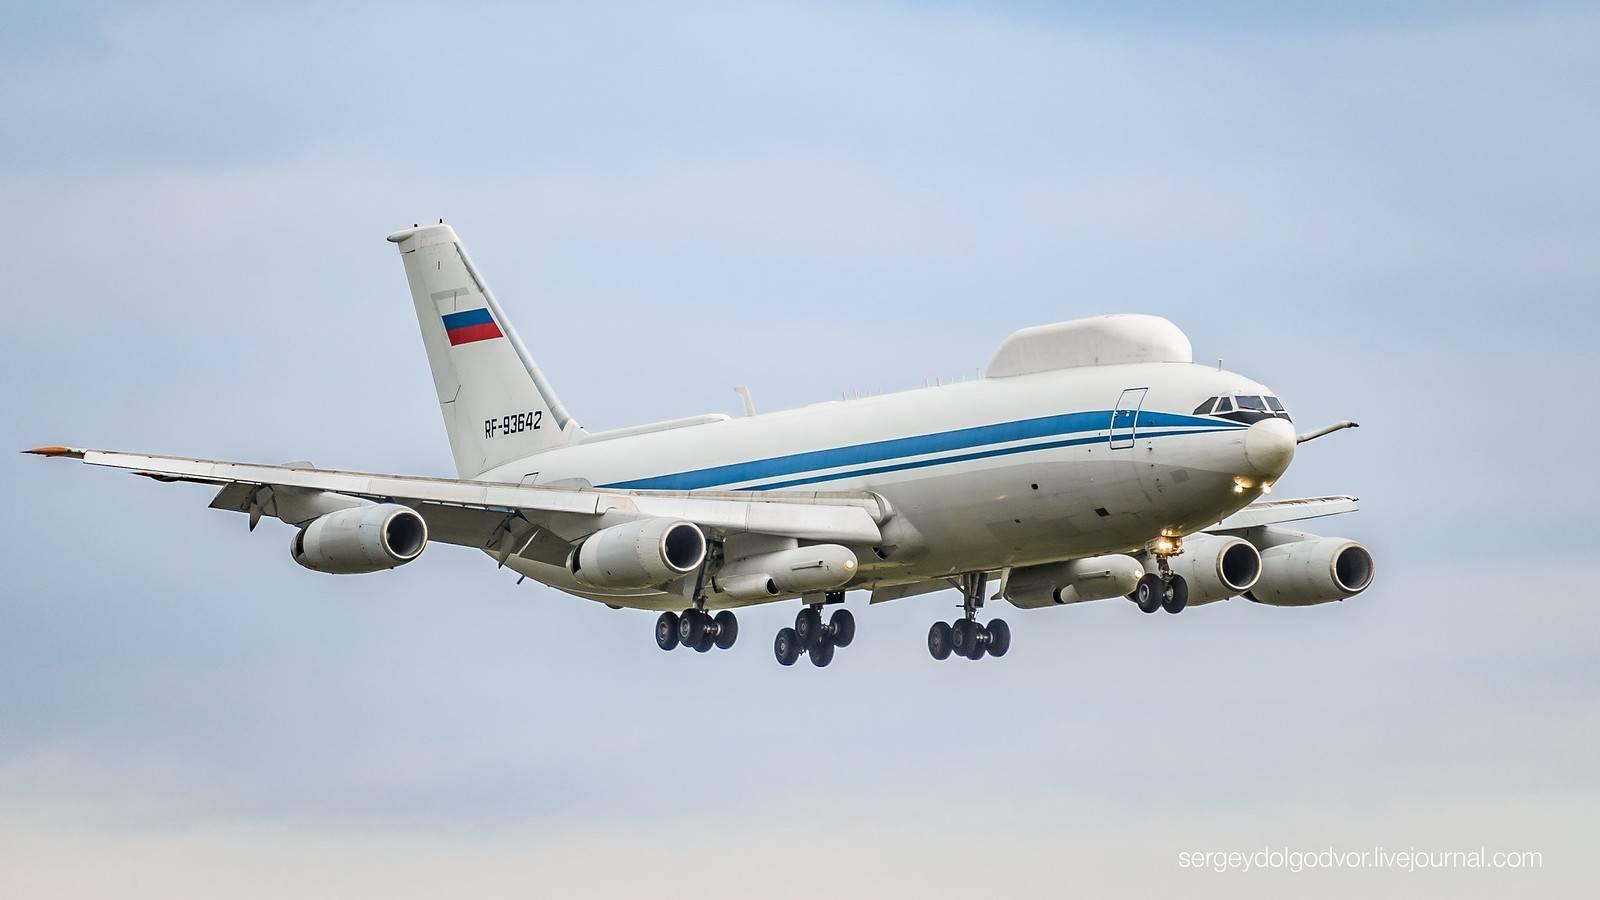 Самолет ил-80 - галерея - впк.name